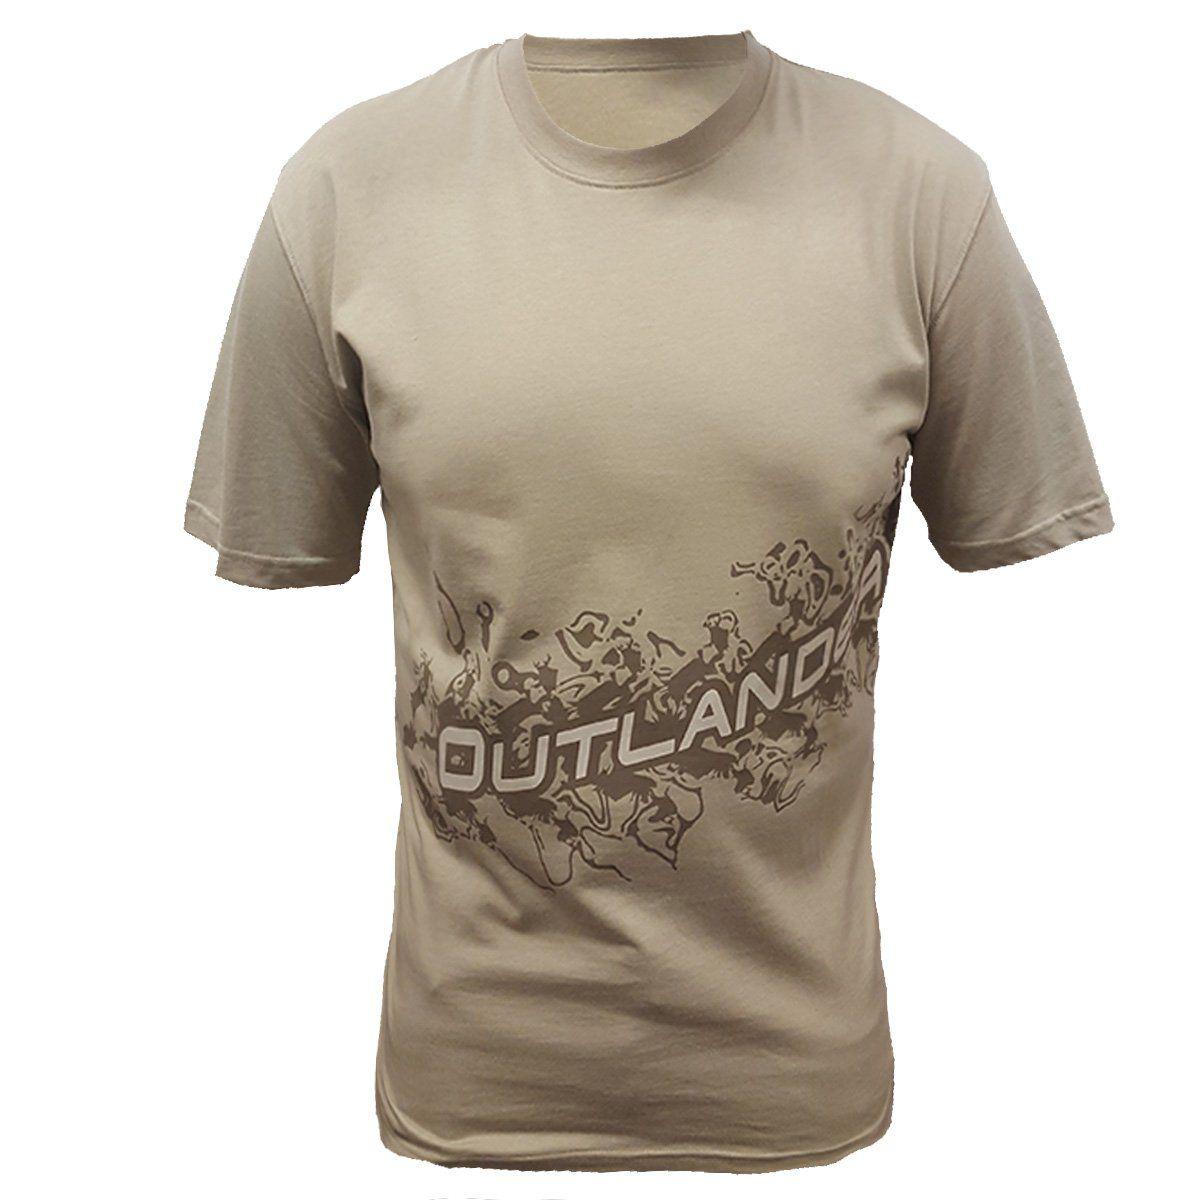 Camisa Outlander Bege